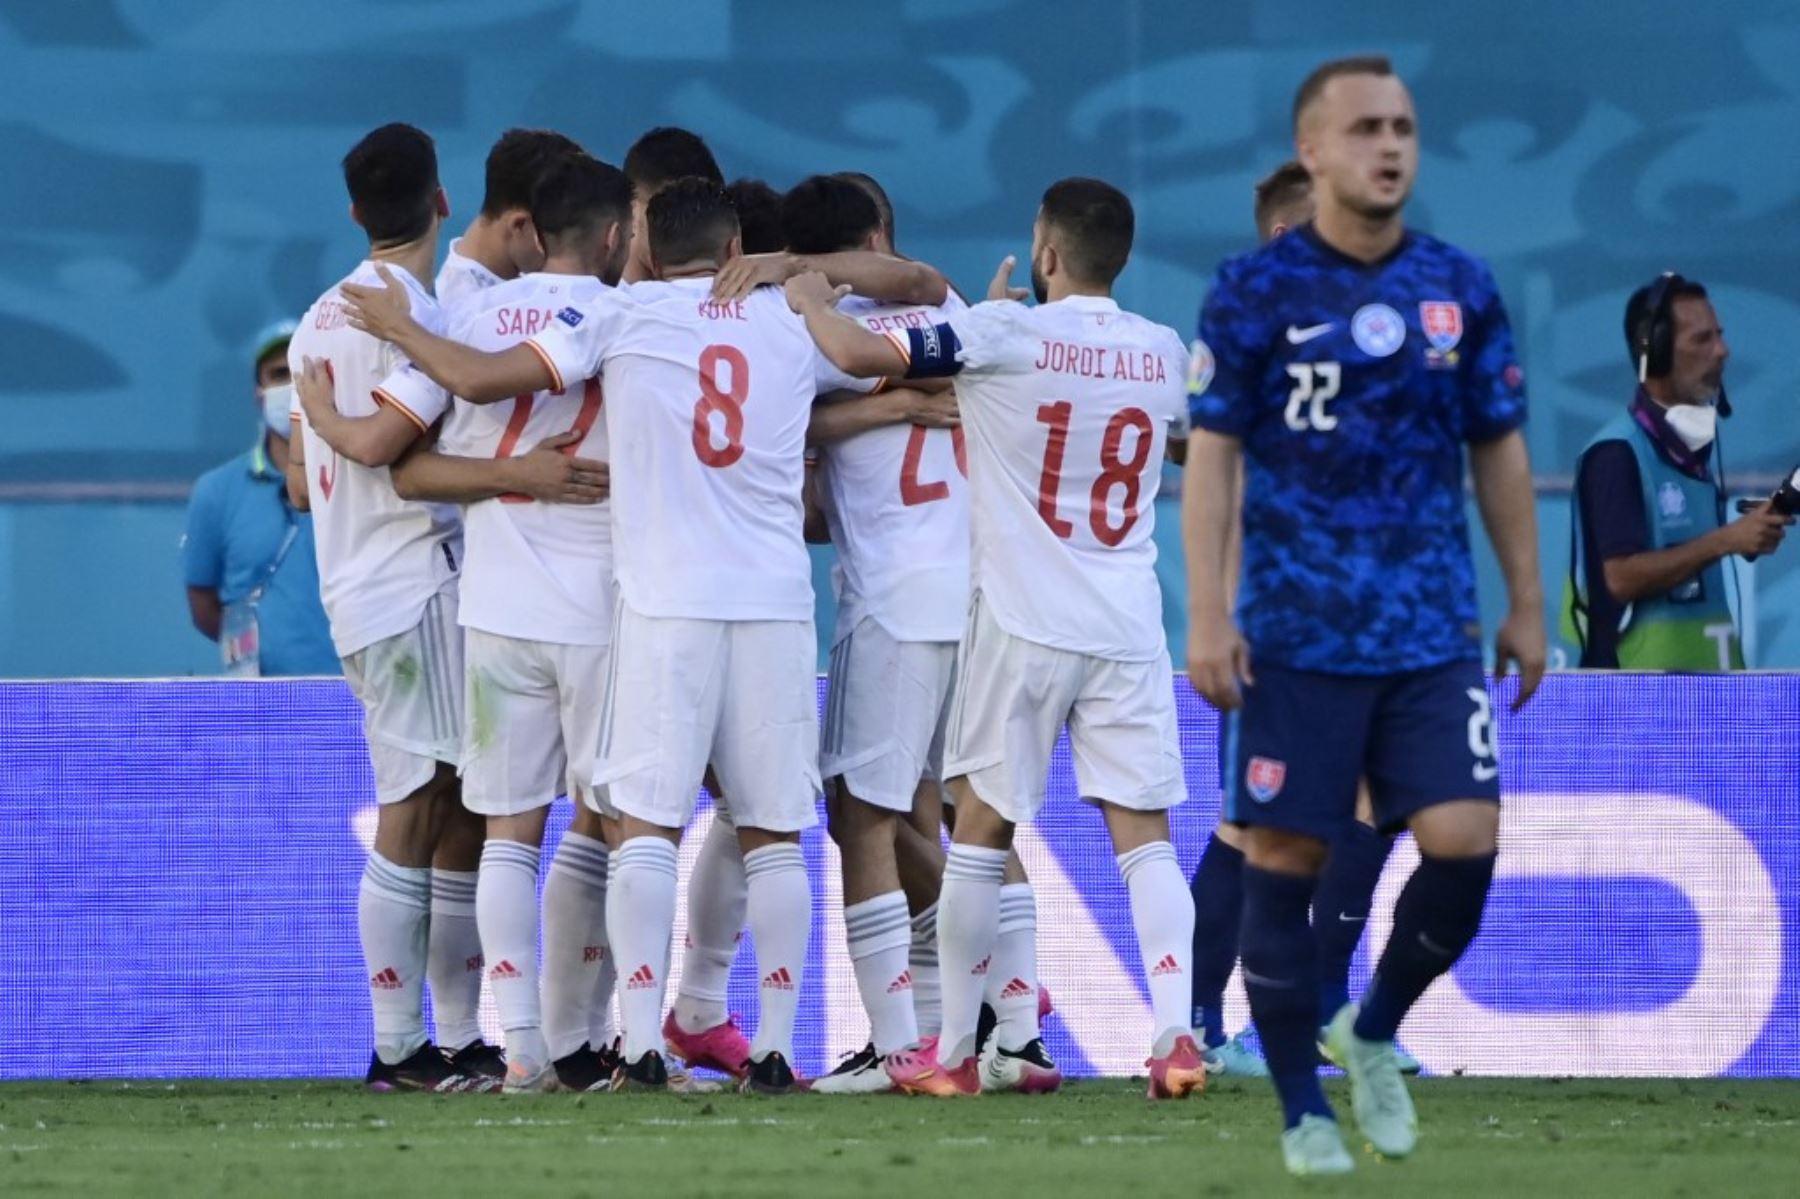 España se metió a los octavos de final de la Eurocopa y se medirá con Croacia de Modric